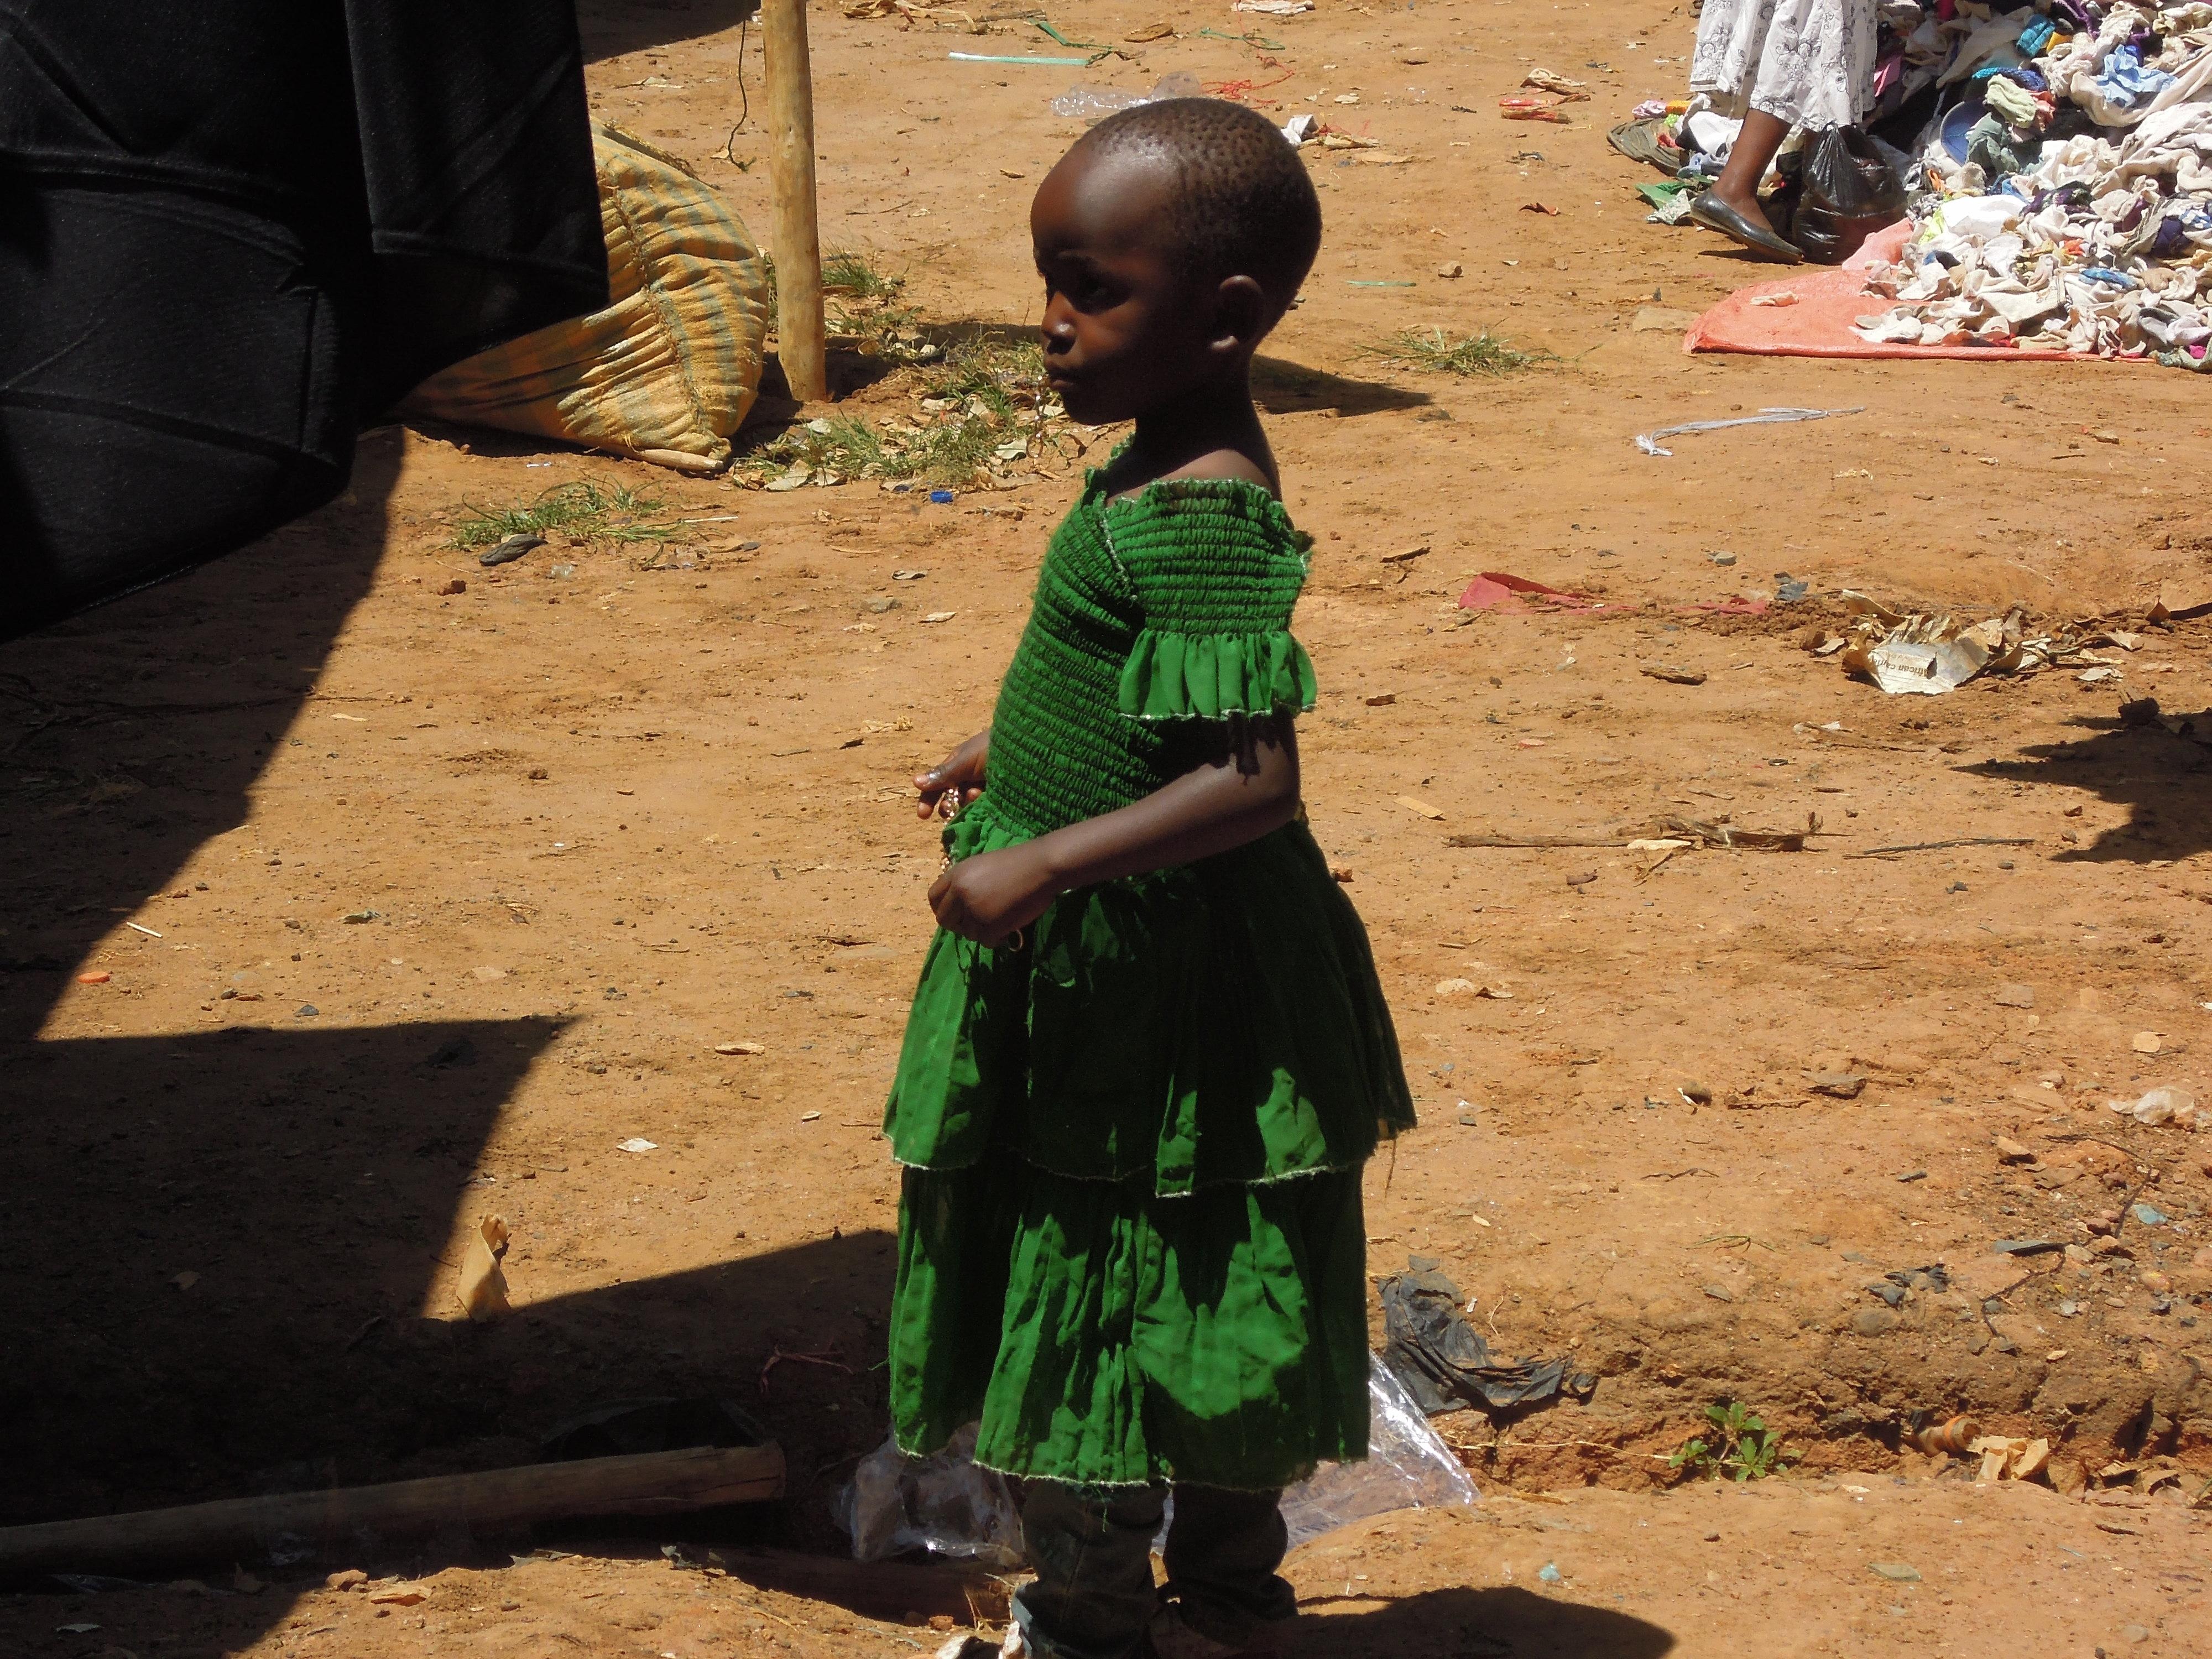 Dziewczynka w zielonej sukience na targu w Lushoto, fot. M. Lehrmann